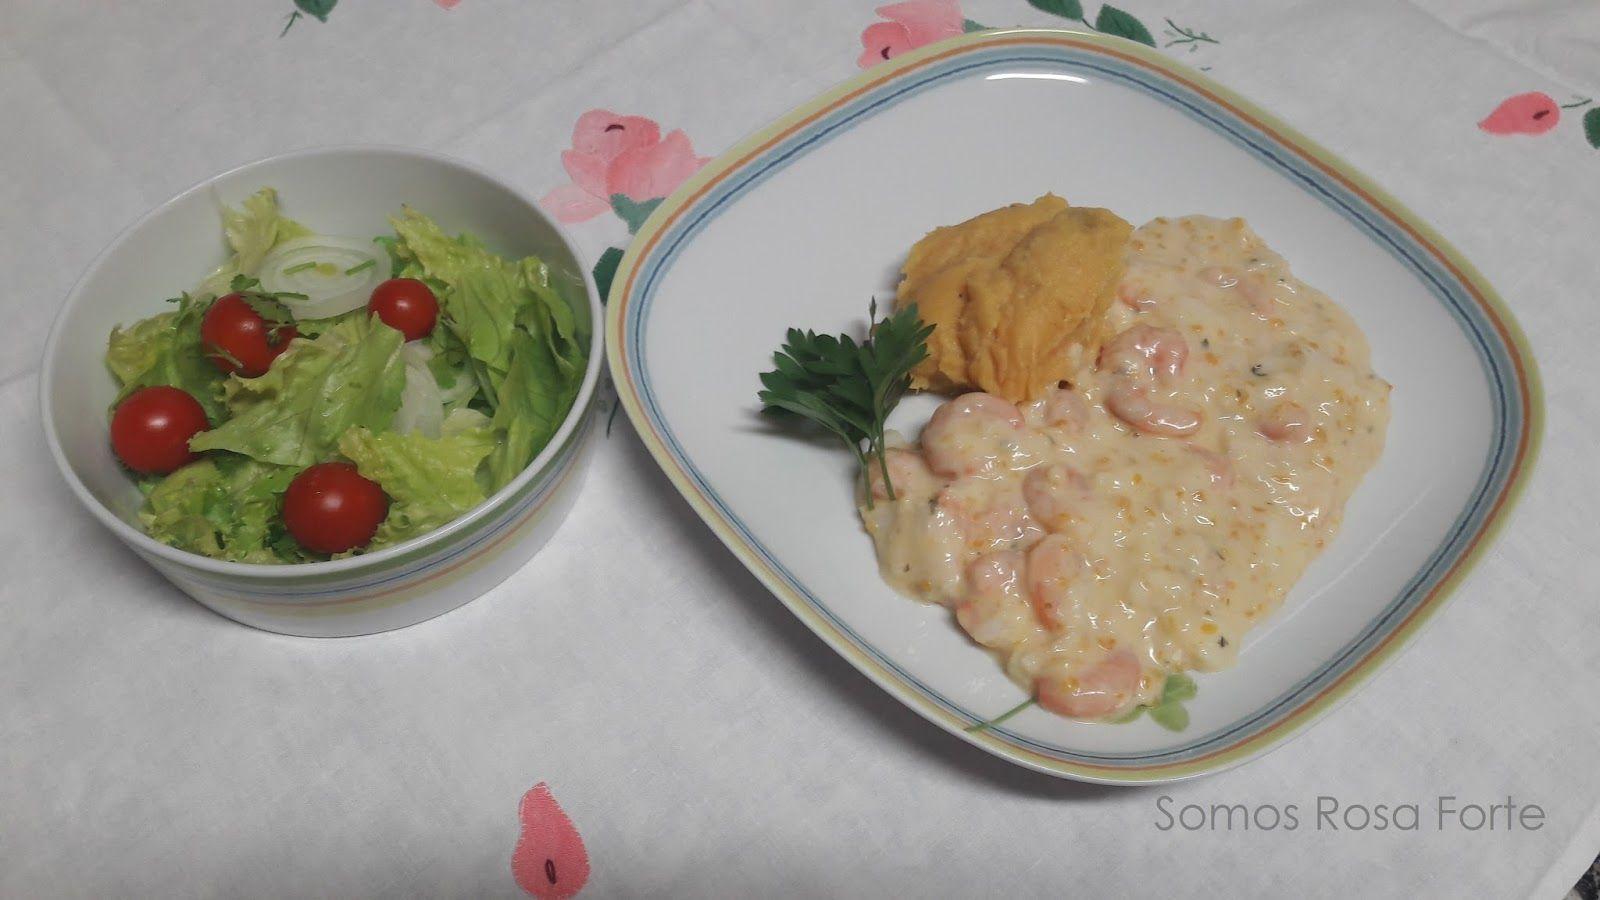 Receita para a Bimby: 1 kg de pescada ou outro peixe a gosto